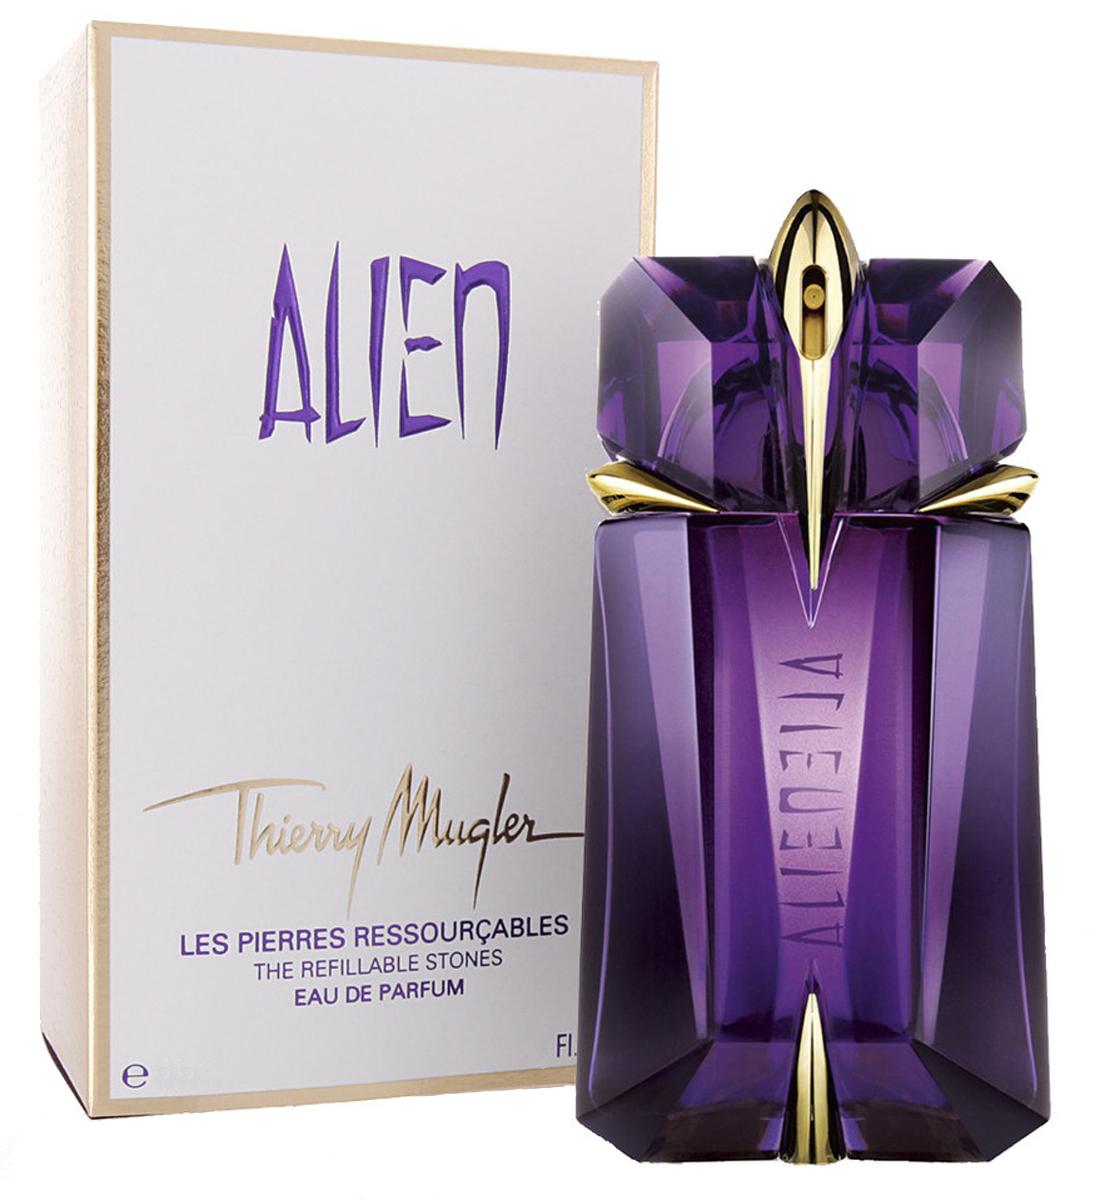 Thierry Mugler Парфюмированная вода Alien, женская, 40 мл13983Древесные, ориентальные. Жасмин, древесина, амбра.